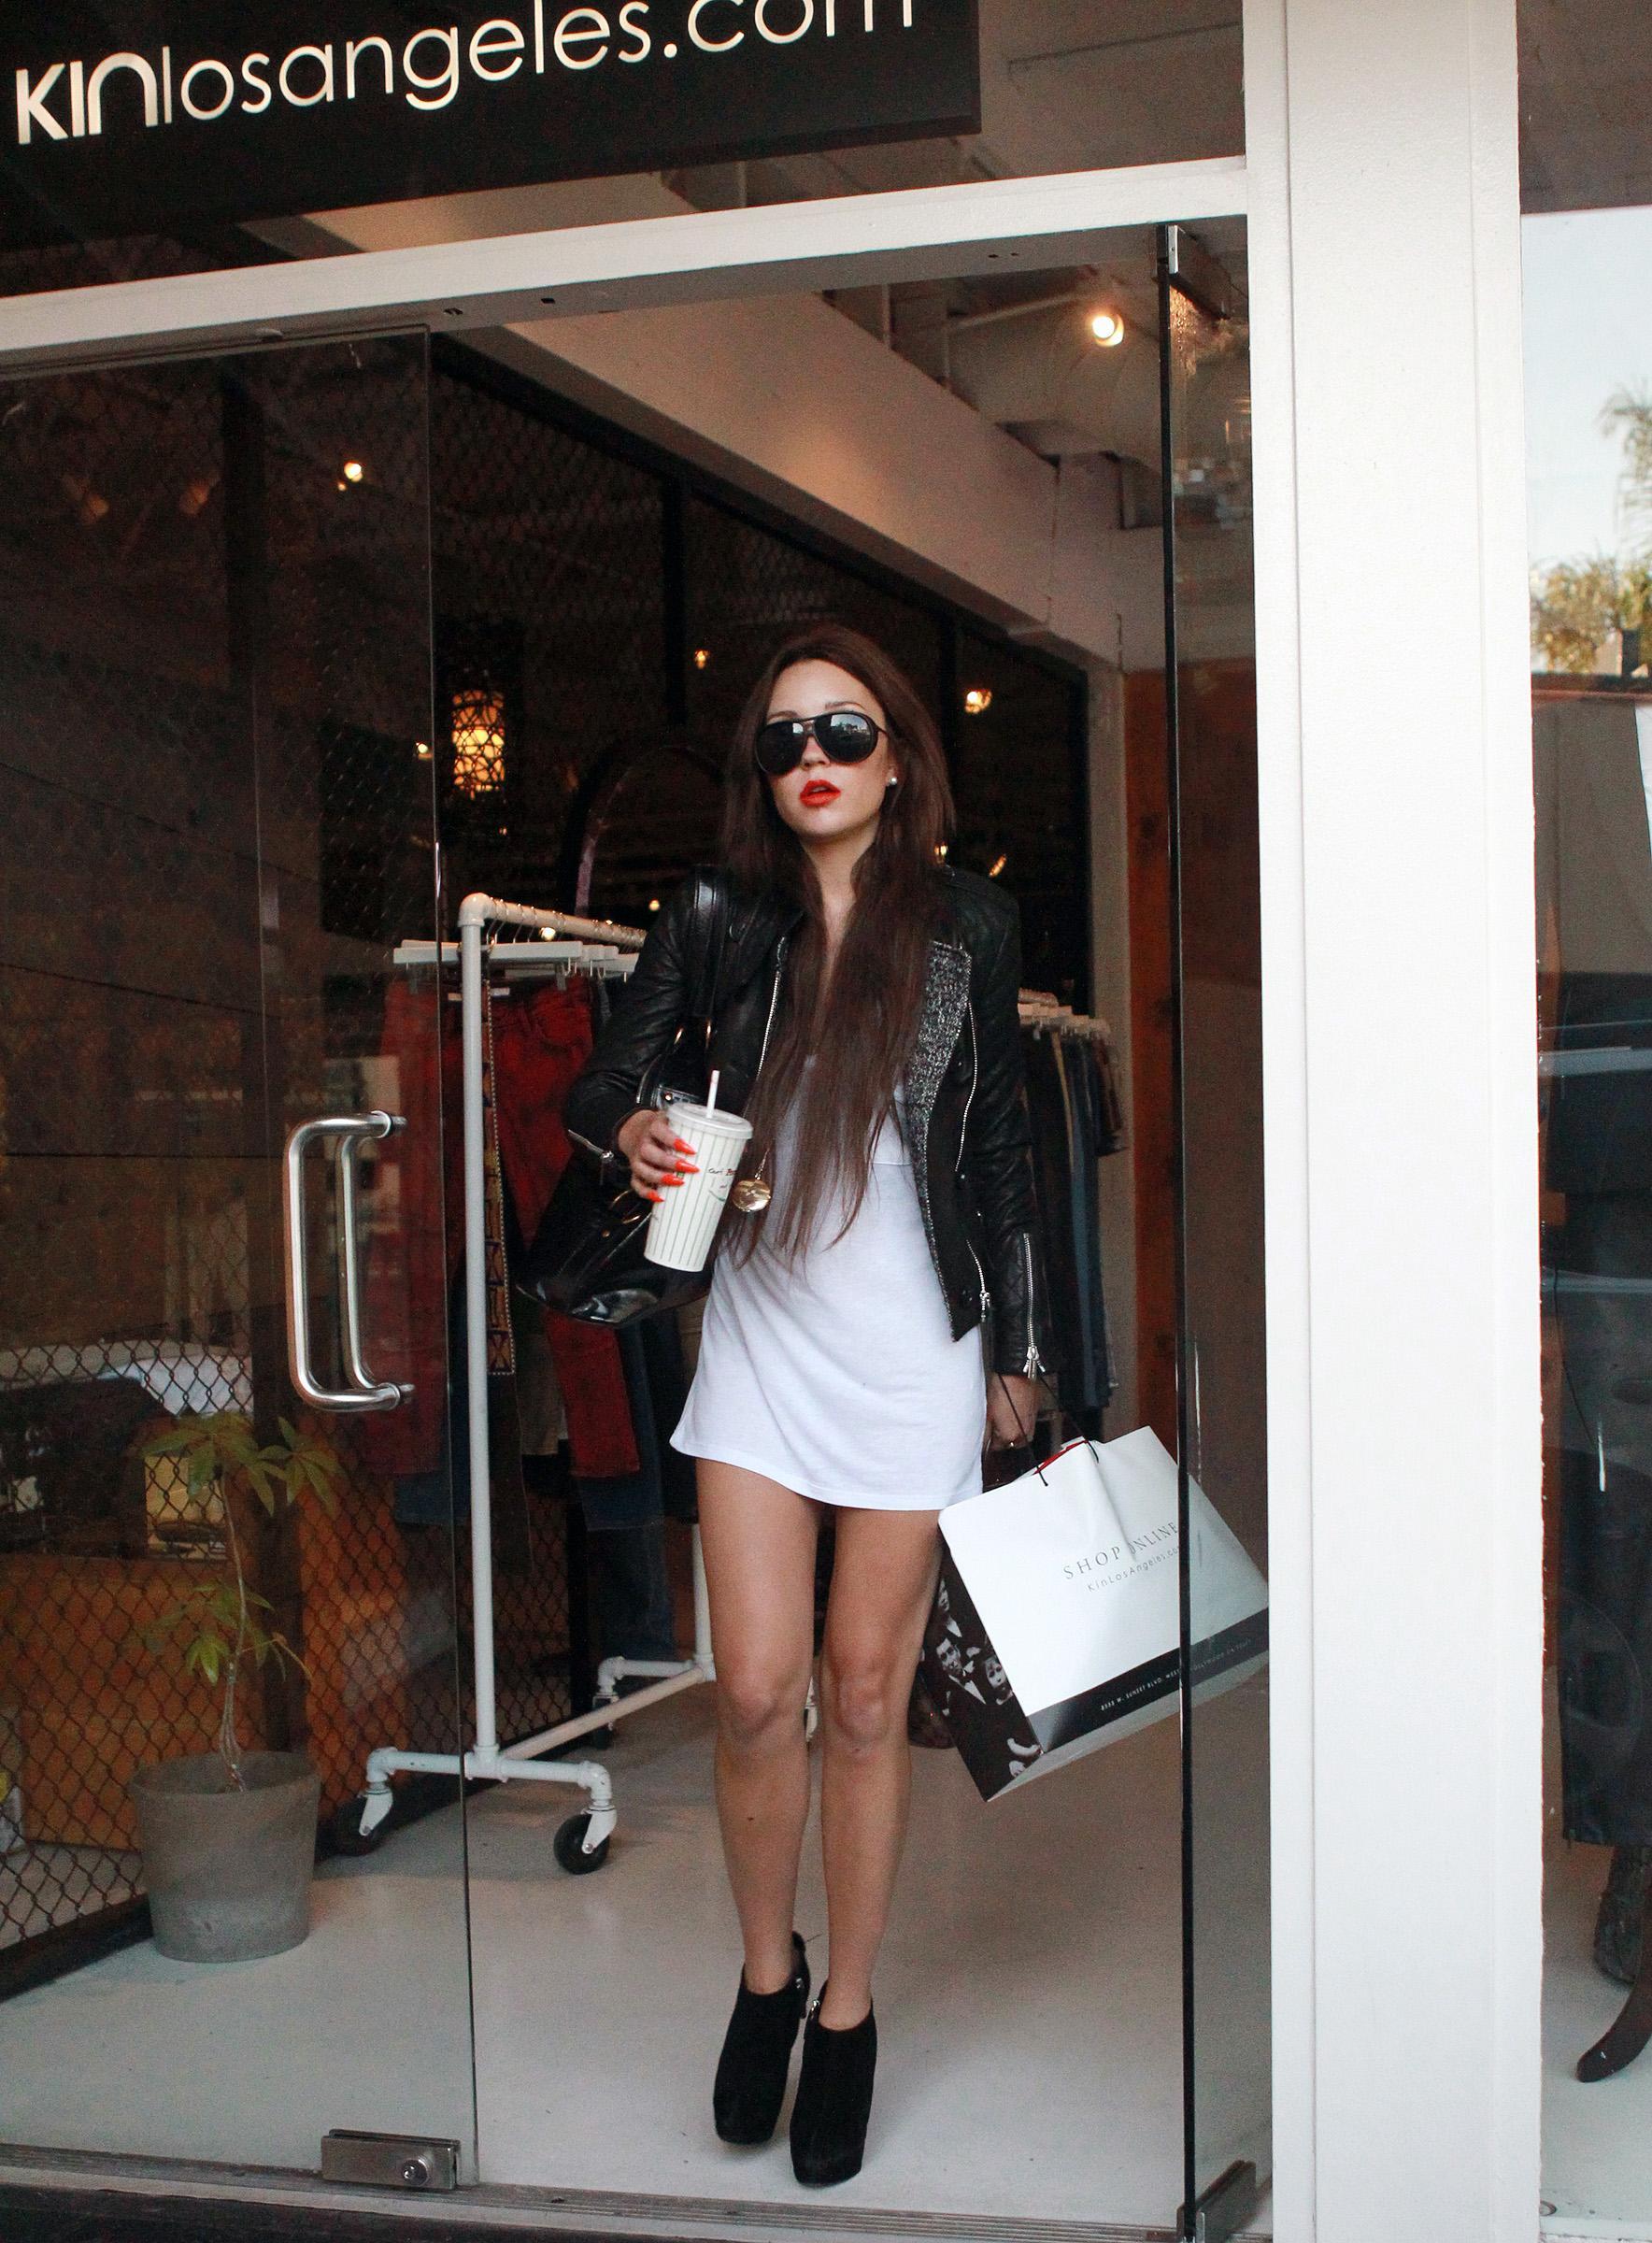 480797014_Amanda_Bynes_Shopping_at_Kin3_122_496lo.jpg